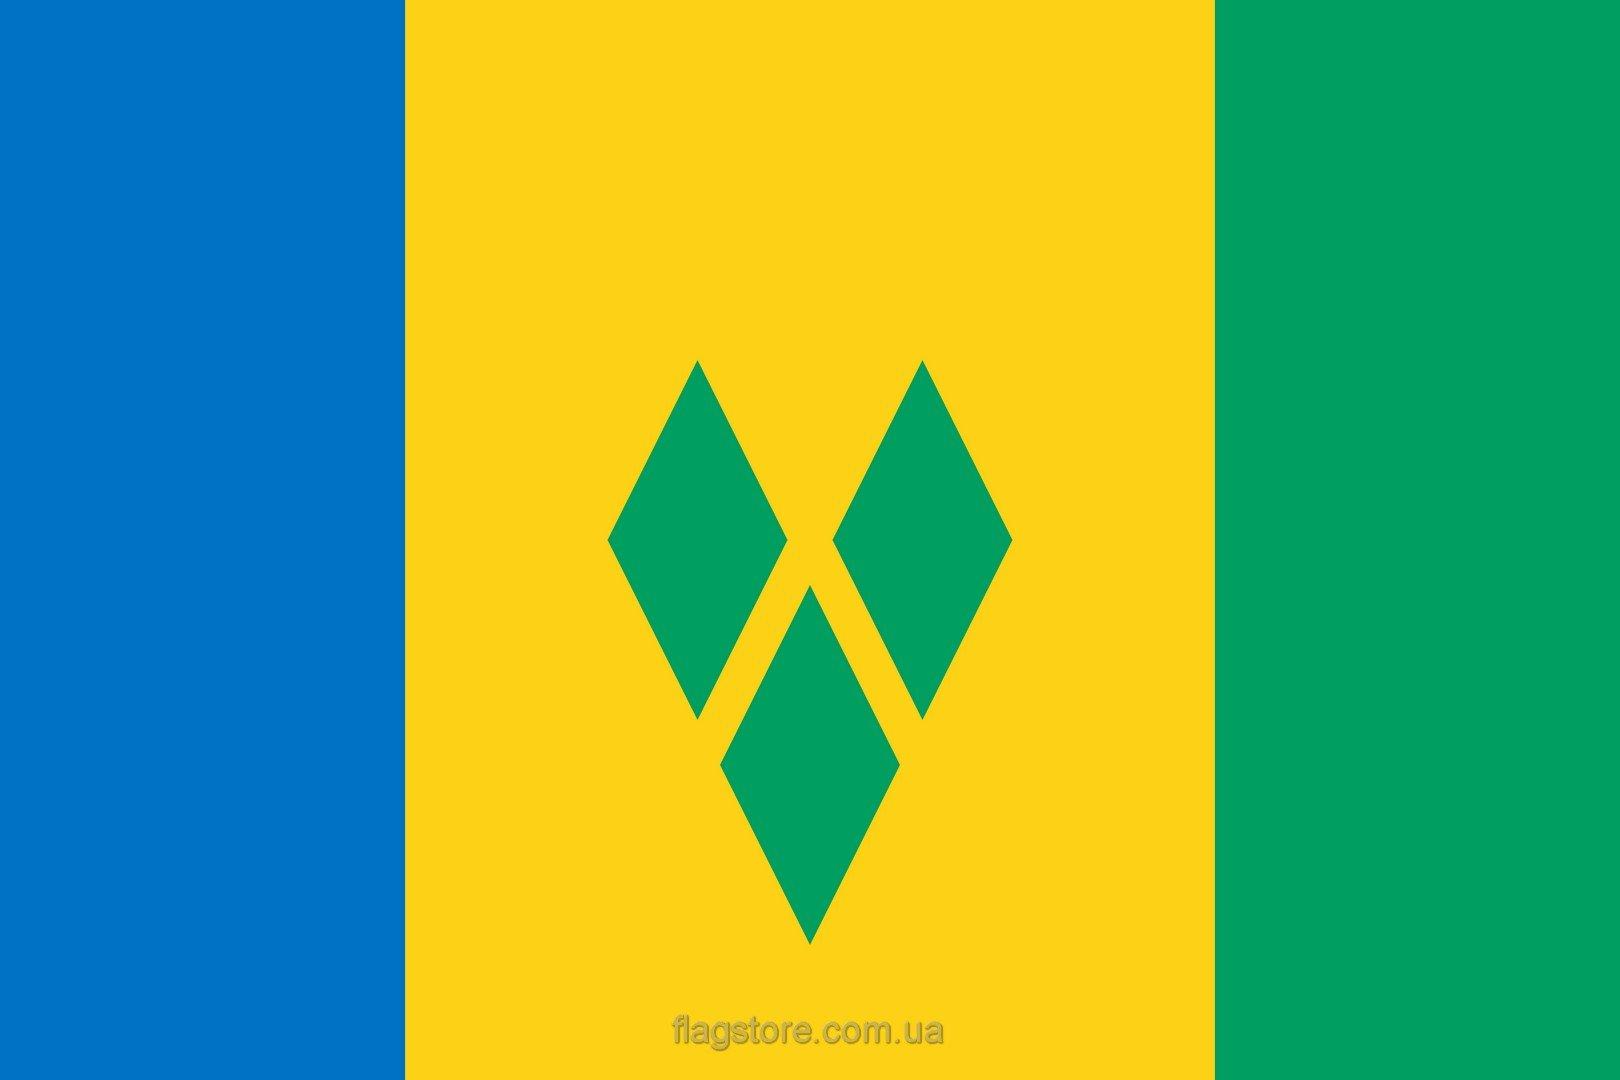 Купить флаг Сент-Винсента и Гренадин (страны Сент-Винсент и Гренадины)